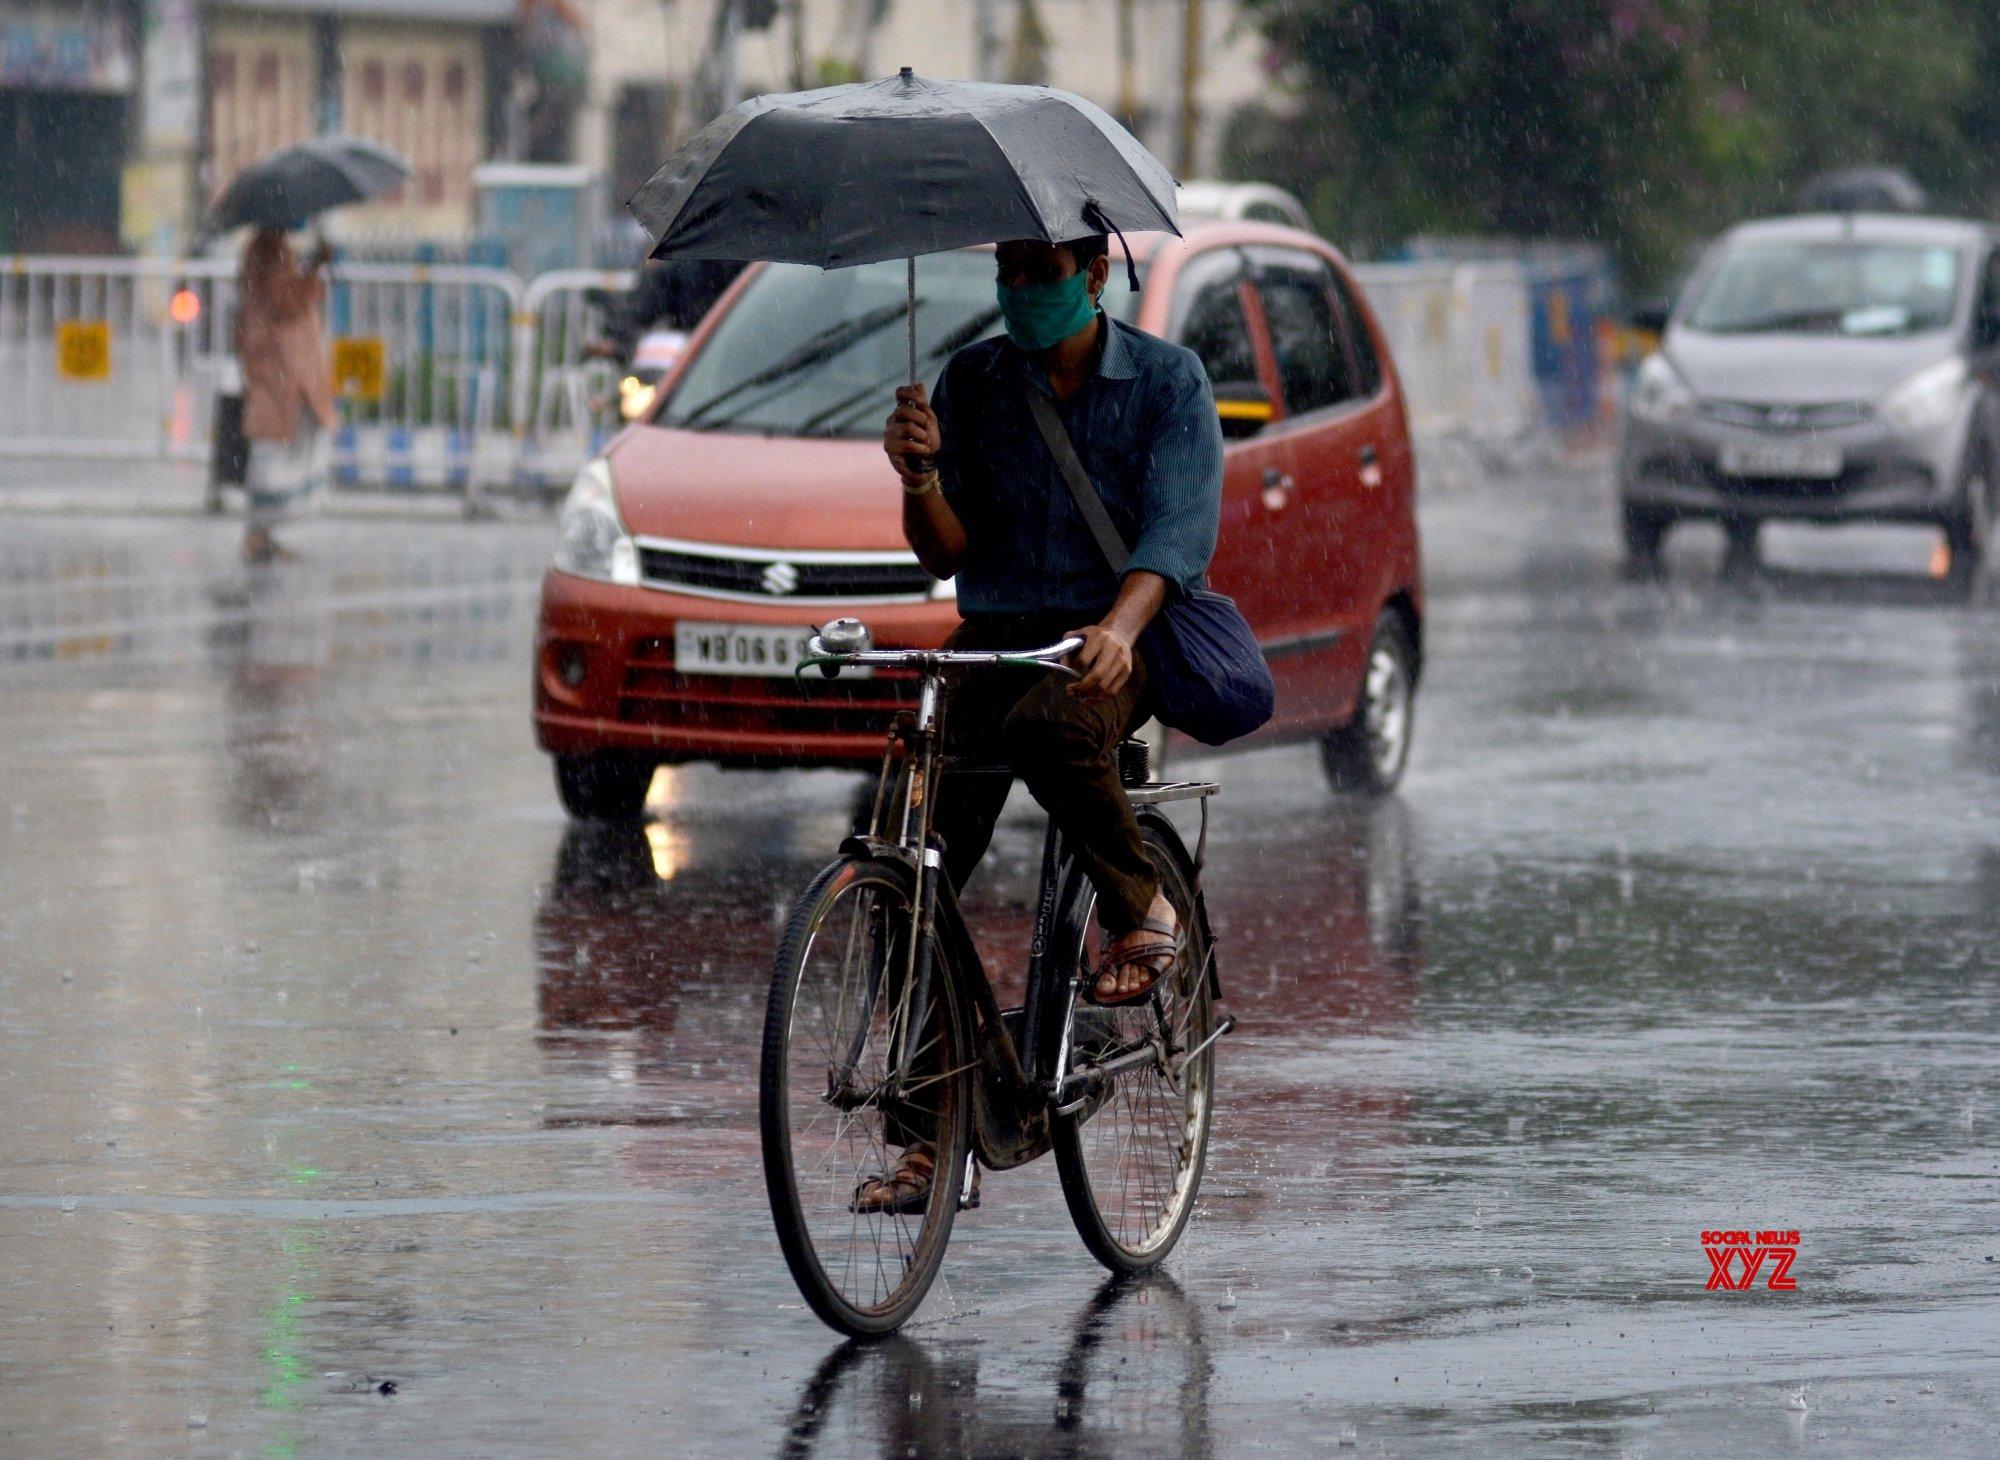 Kolkata: People are crossing the road in the rain in Kolkata in Kolkata. #Gallery